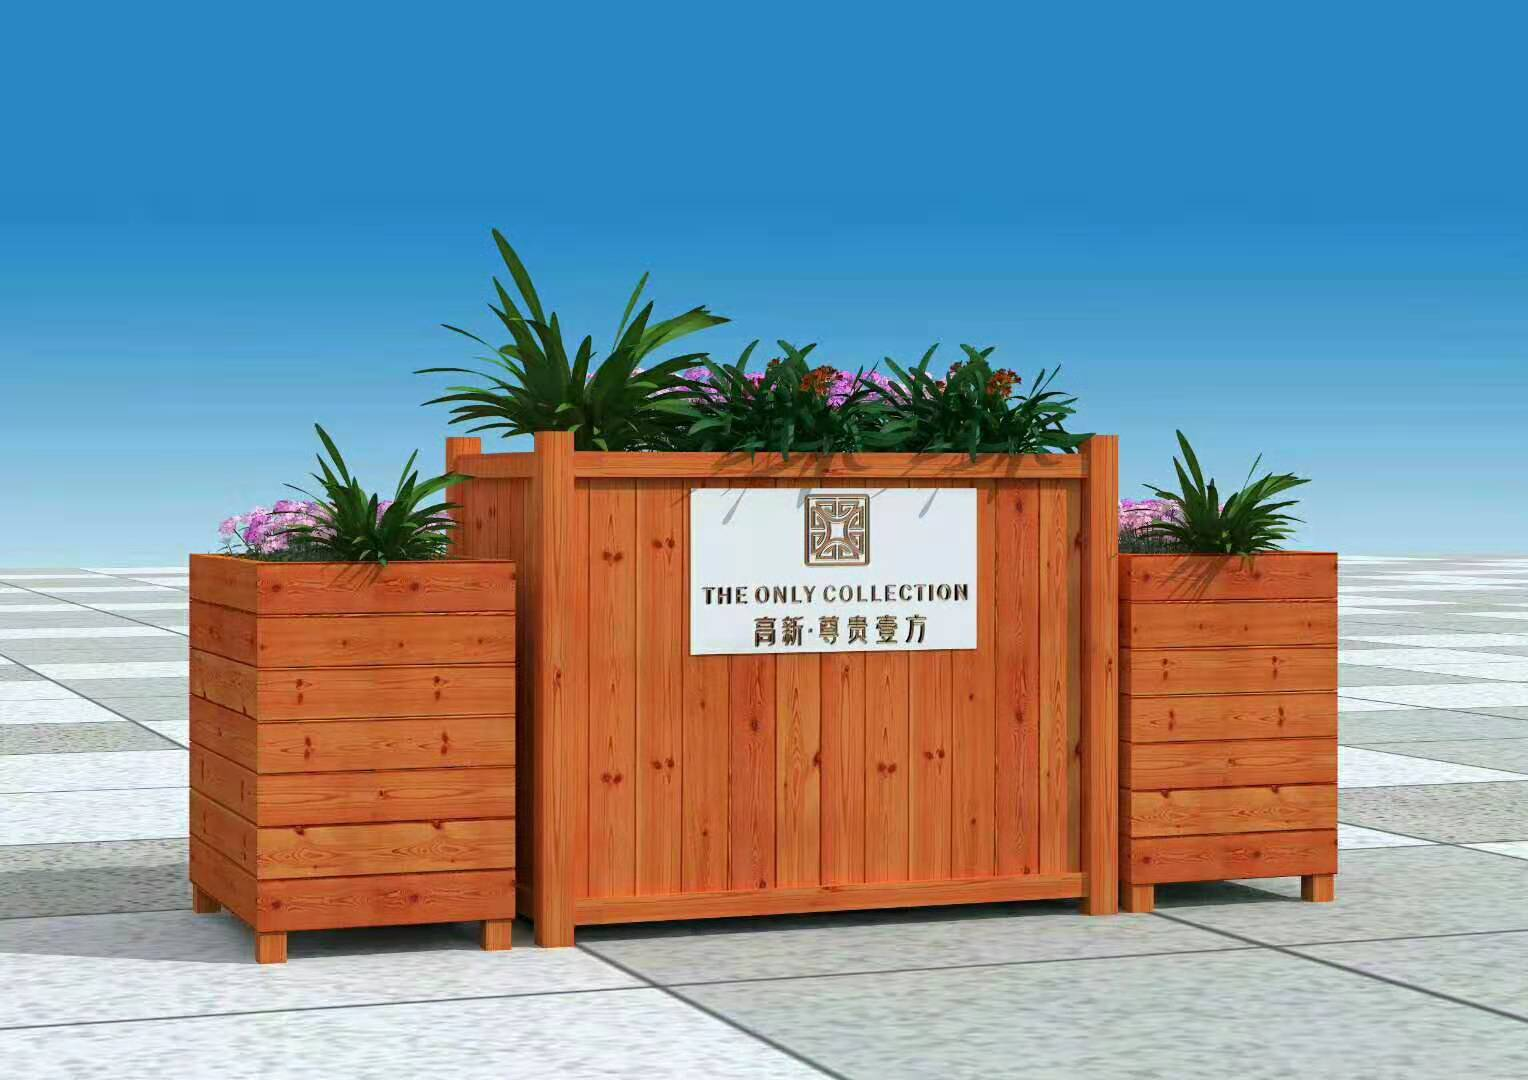 陕西防腐木厂家教大家防腐木花箱的选择技巧,快来学吧